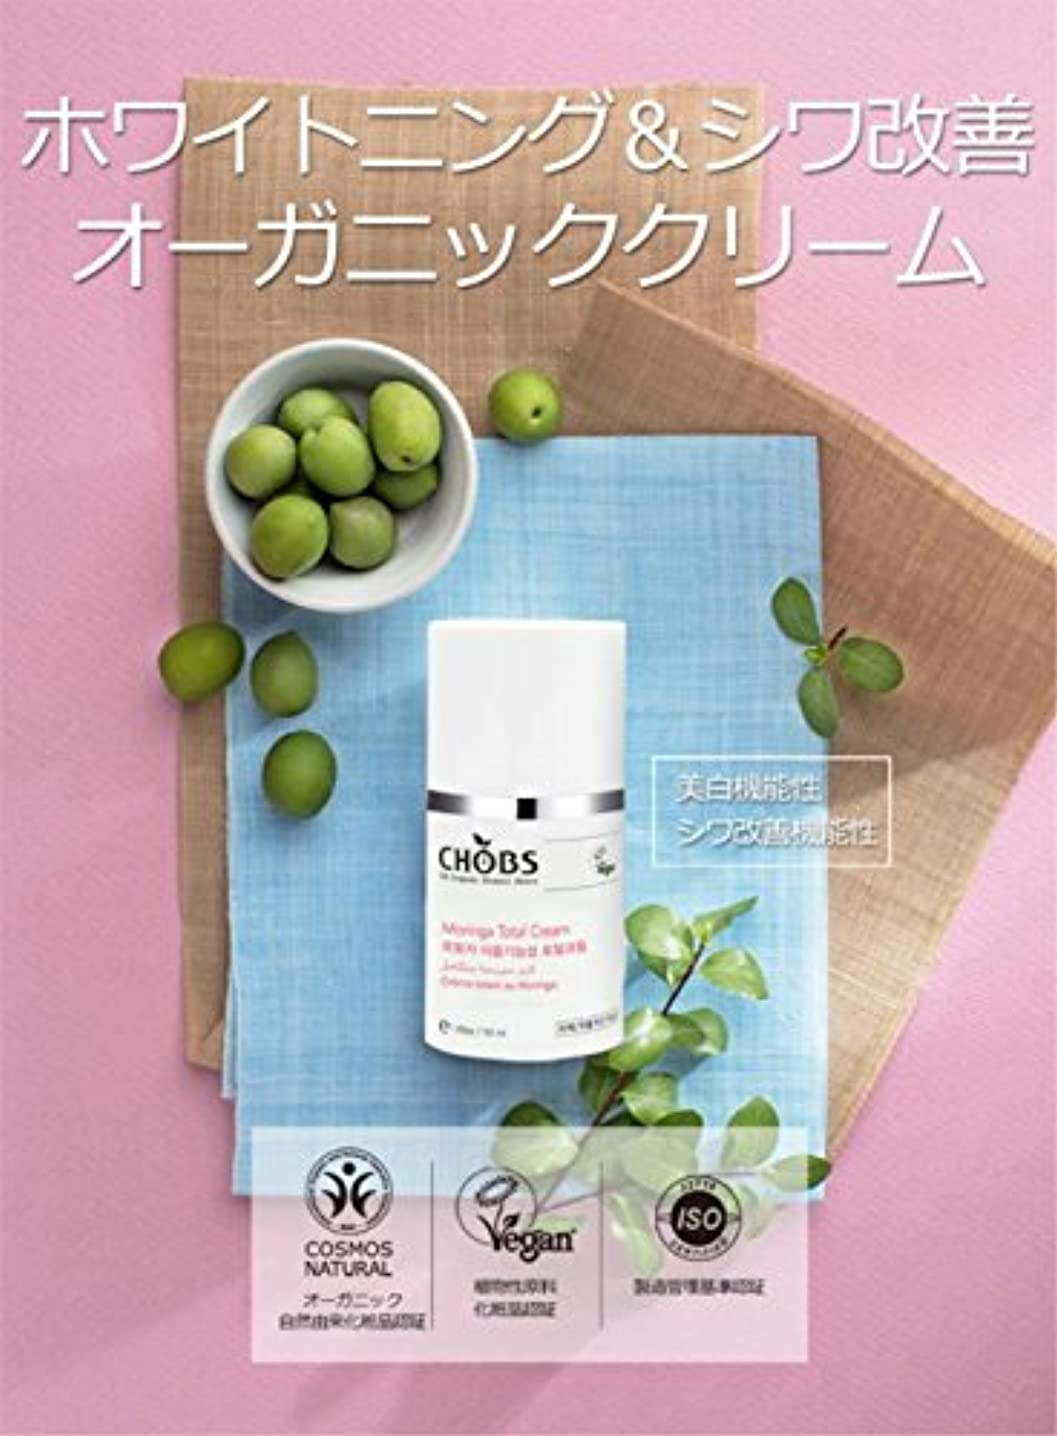 台無しに傾向があるアレキサンダーグラハムベルオーガニックモリンガトータルクリーム 天然化粧品 韓国コスメ 保湿